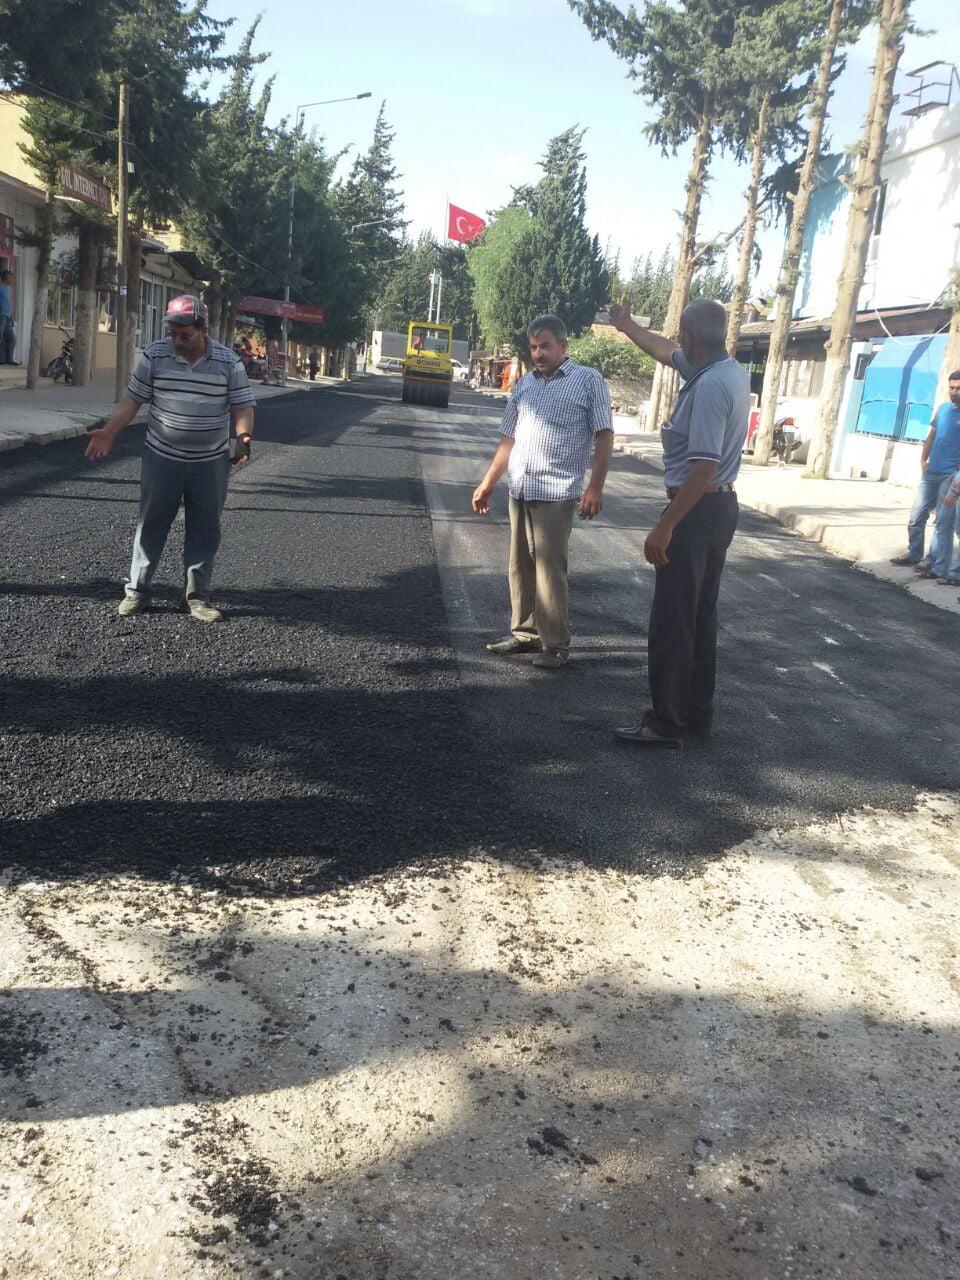 Reyhanlı Belediyesi'nin Yol Yapım Çalışmaları Devam Ediyor